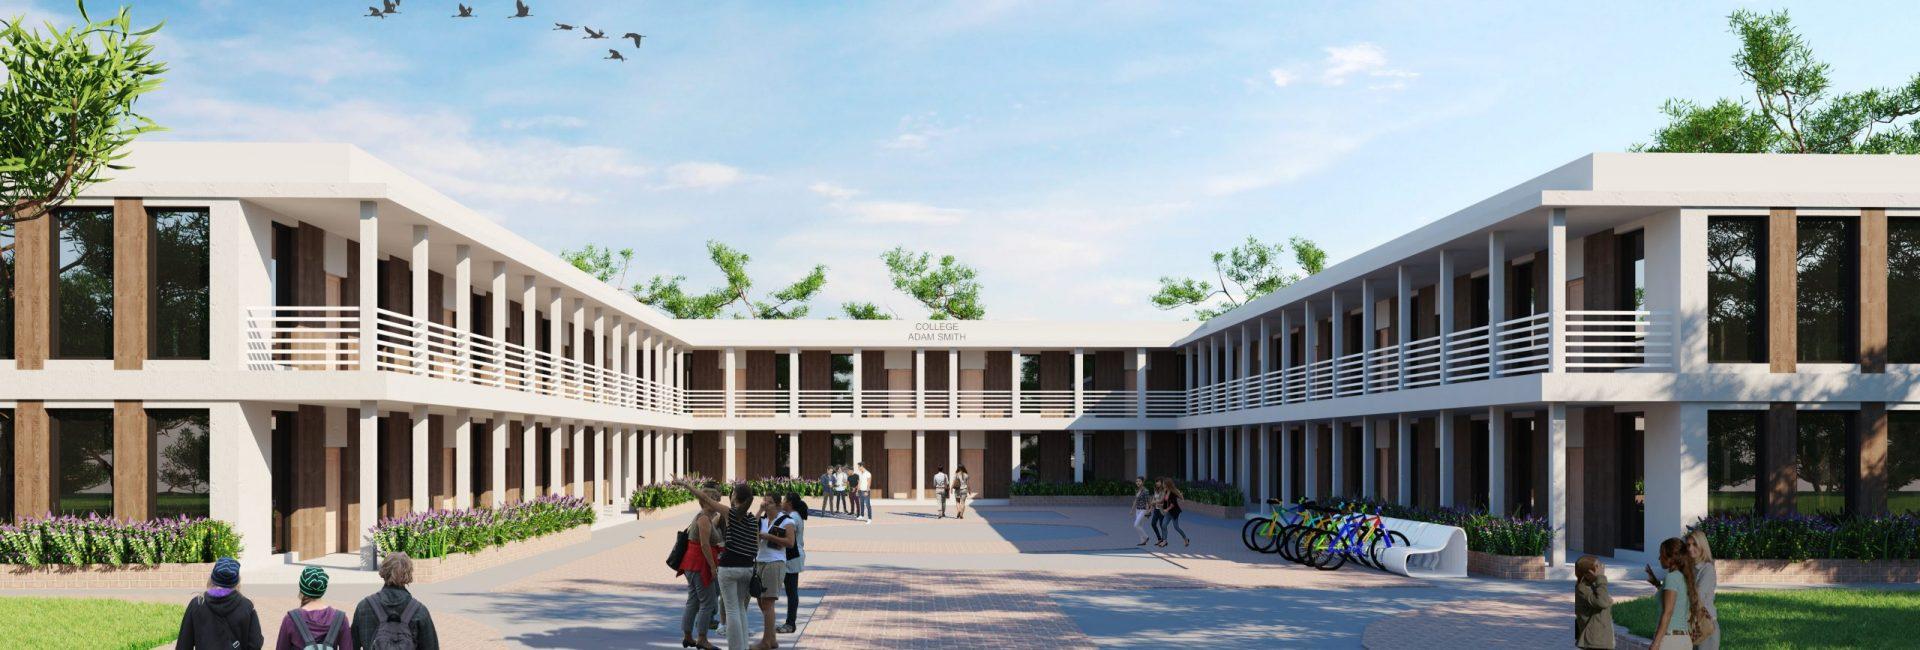 Lycée - Ile-de-France - 4000m2 (High Resolution)